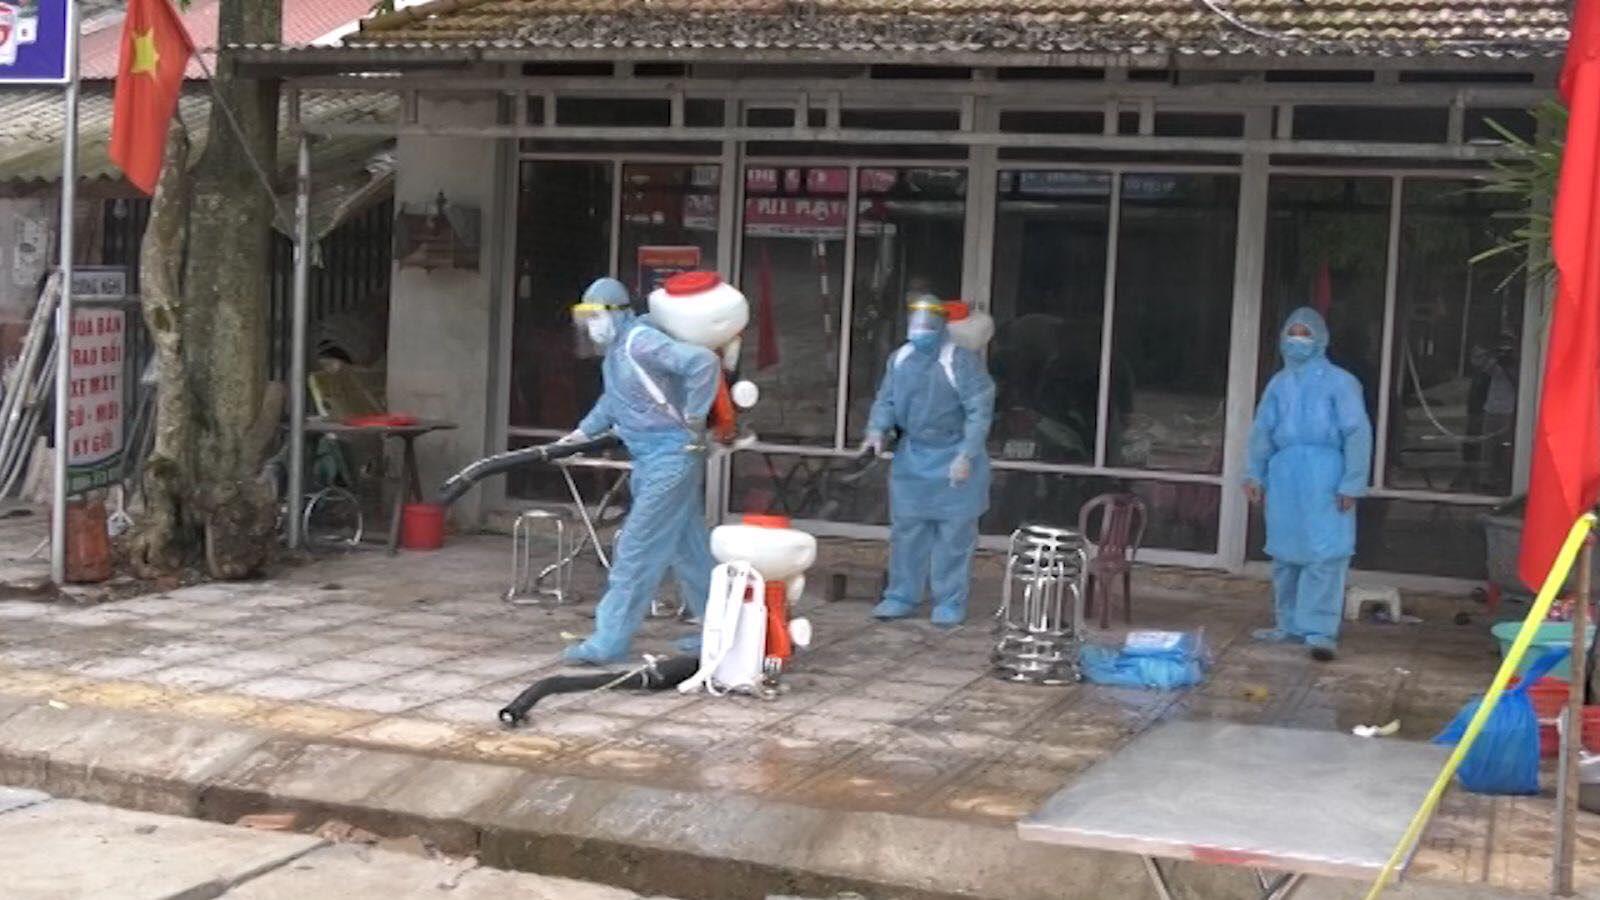 4 ca dương tính, Lạng Sơn lập 3 chốt kiểm dịch tại cửa ngõ huyện Đình Lập - Ảnh 4.